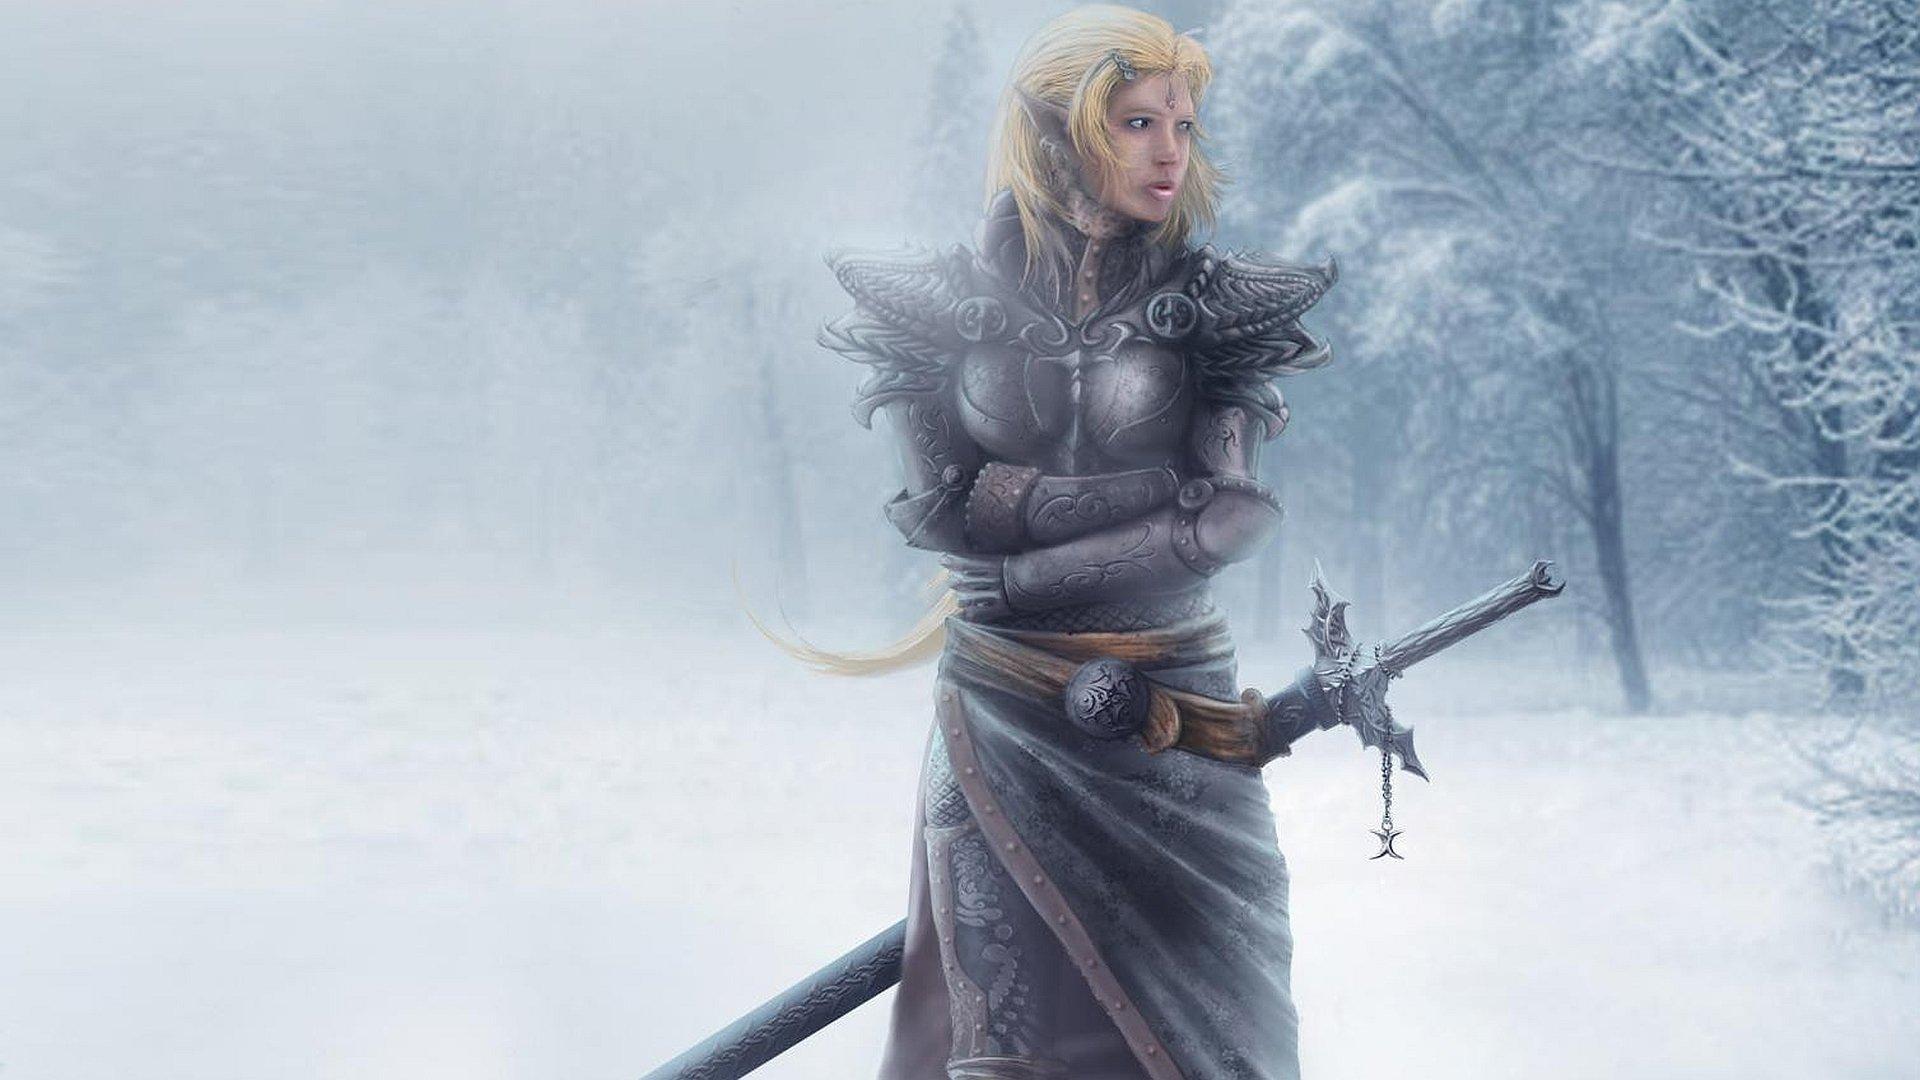 Фэнтези - женщины воин  Обои